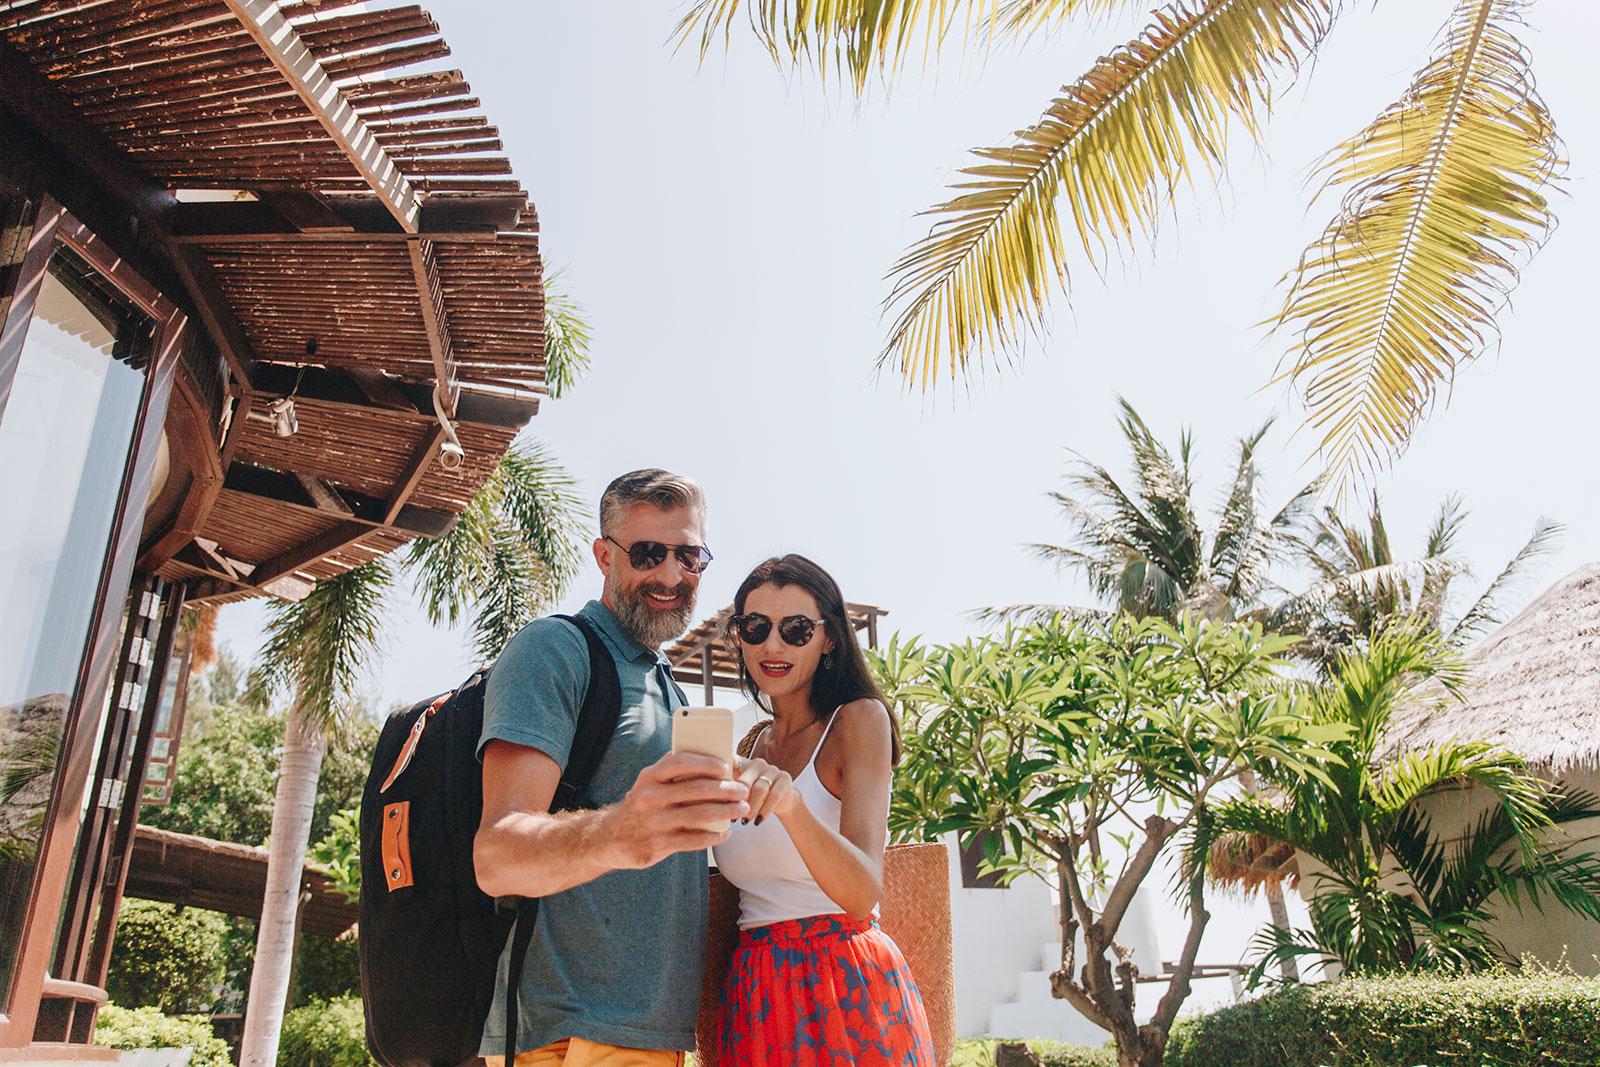 Hoteles exclusivos para adultos, auténticas vacaciones de relax